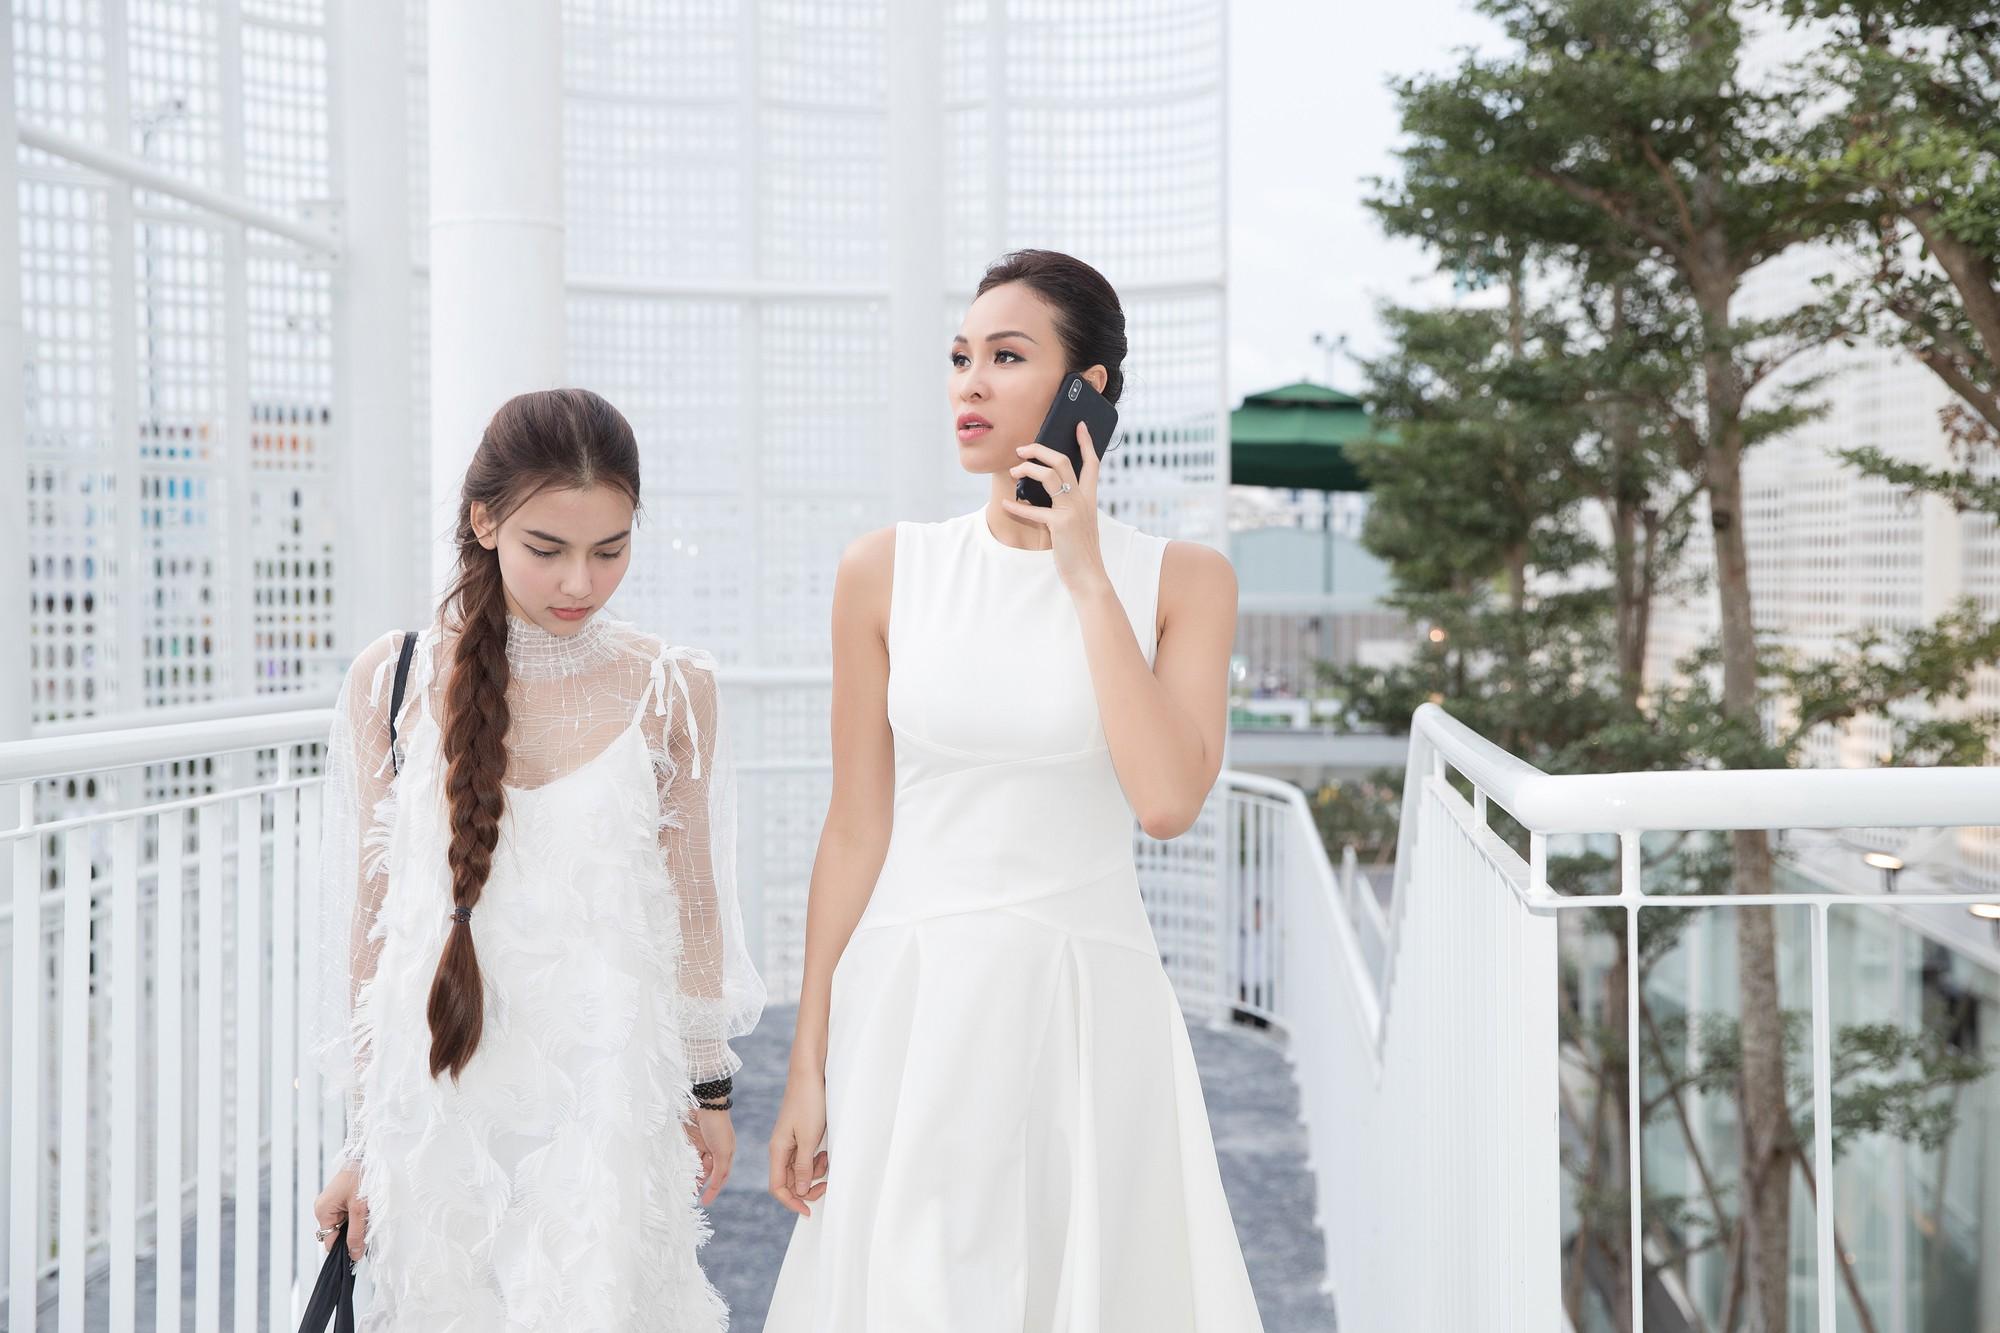 Phương Mai tiết lộ về người đàn ông đã khiến cô quyết định làm đám cưới đầy bất ngờ - Ảnh 1.